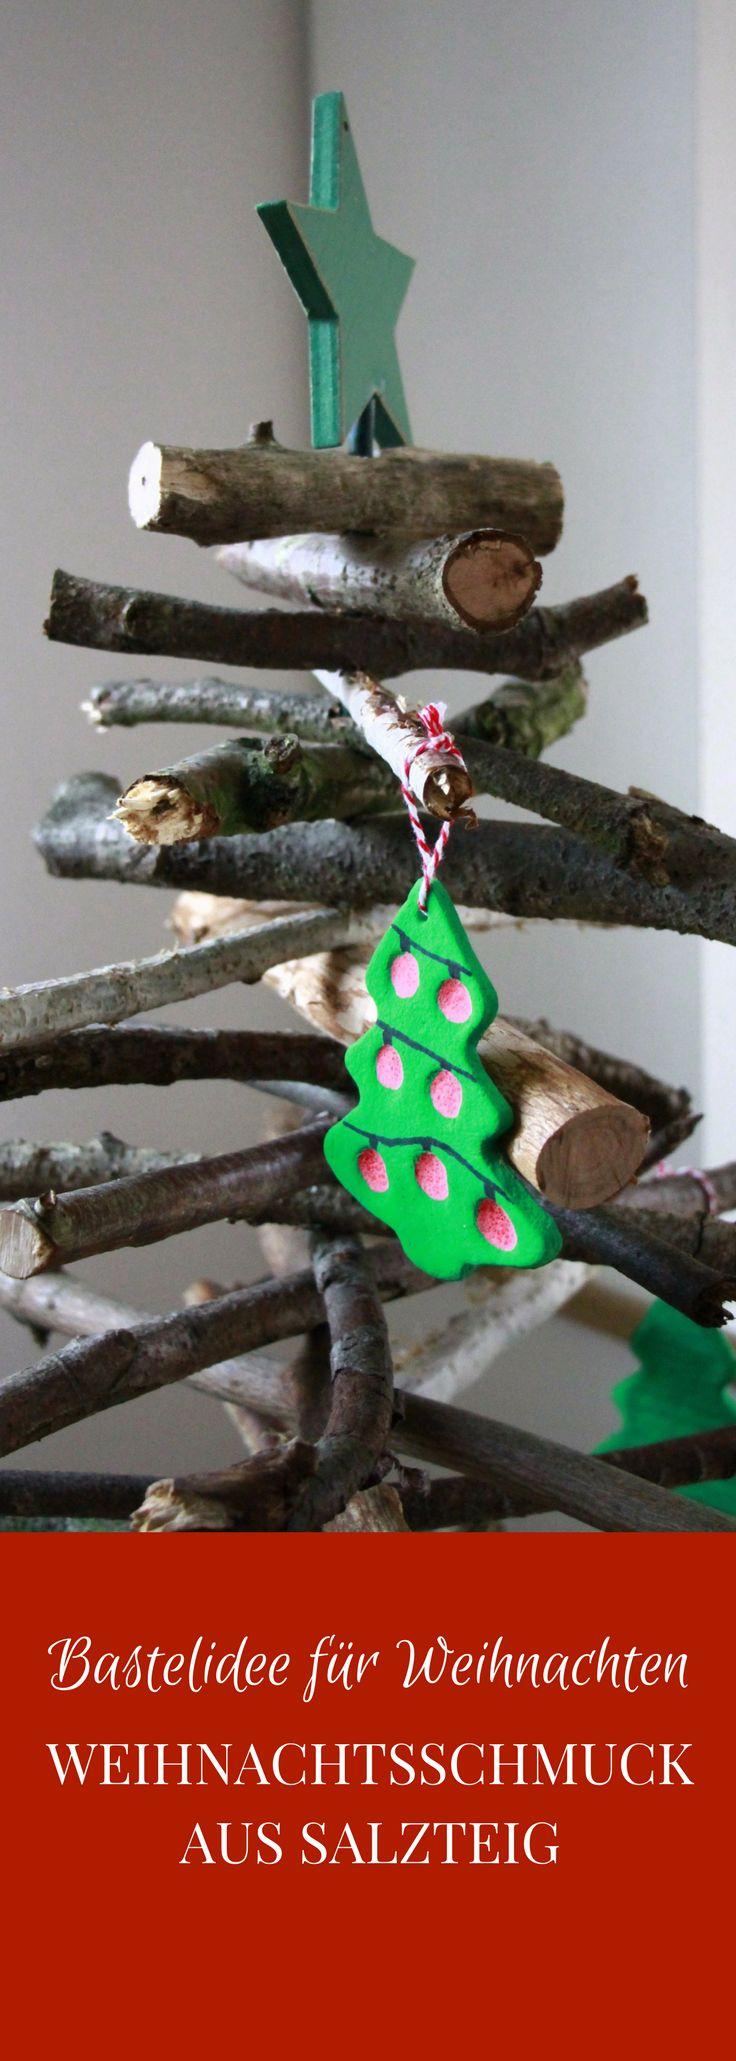 Bastelidee für Weihnachten: Geschenkanhänger und Weihnachtsbaumschmuck aus Salzteig